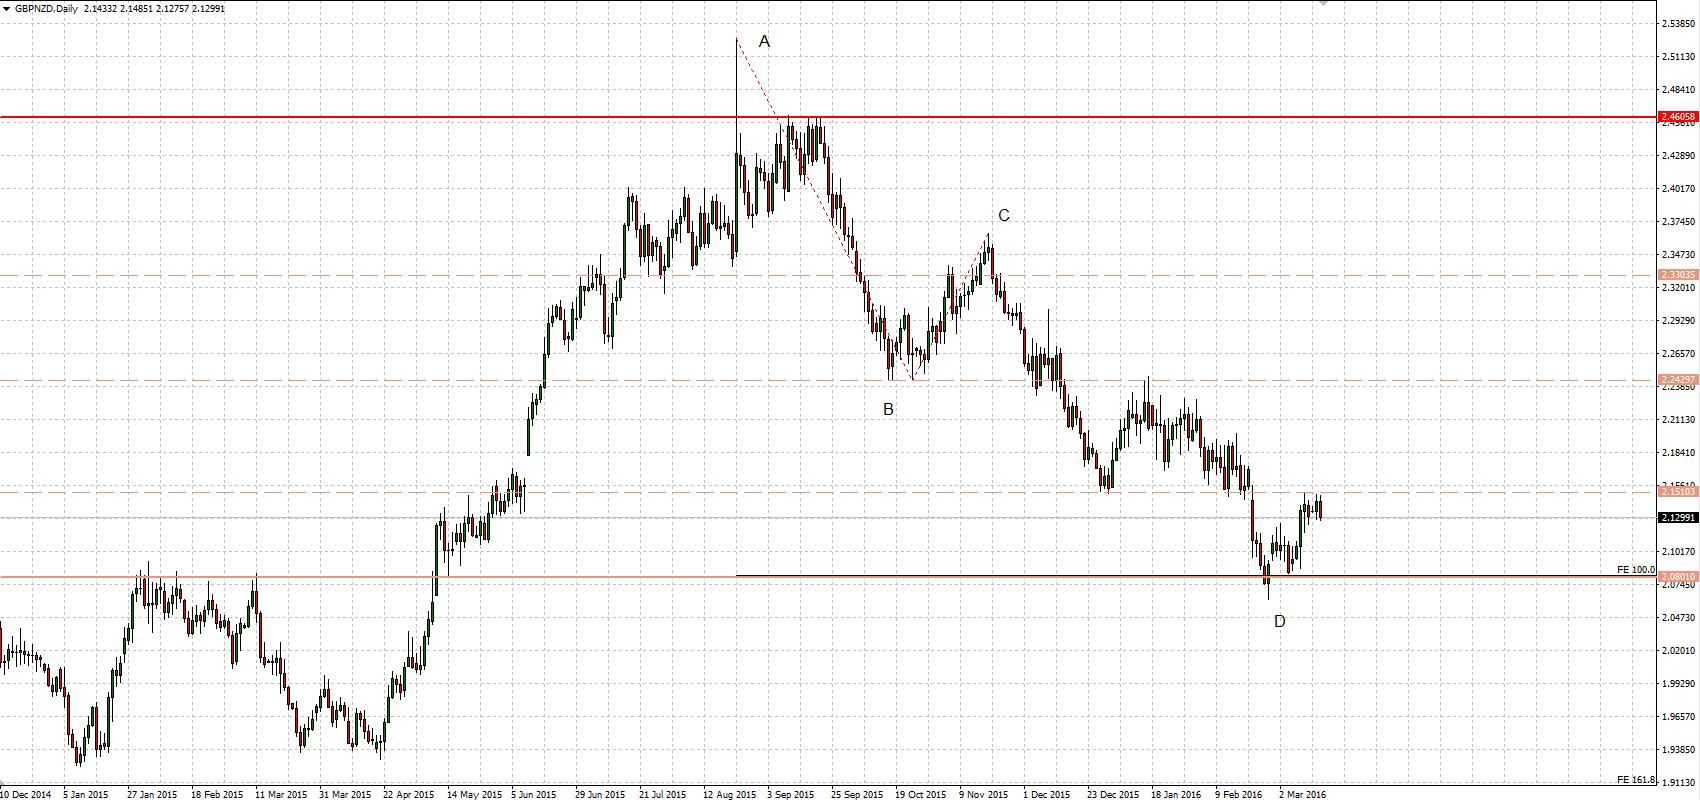 Wykres GBPNZD dla interwału D1.